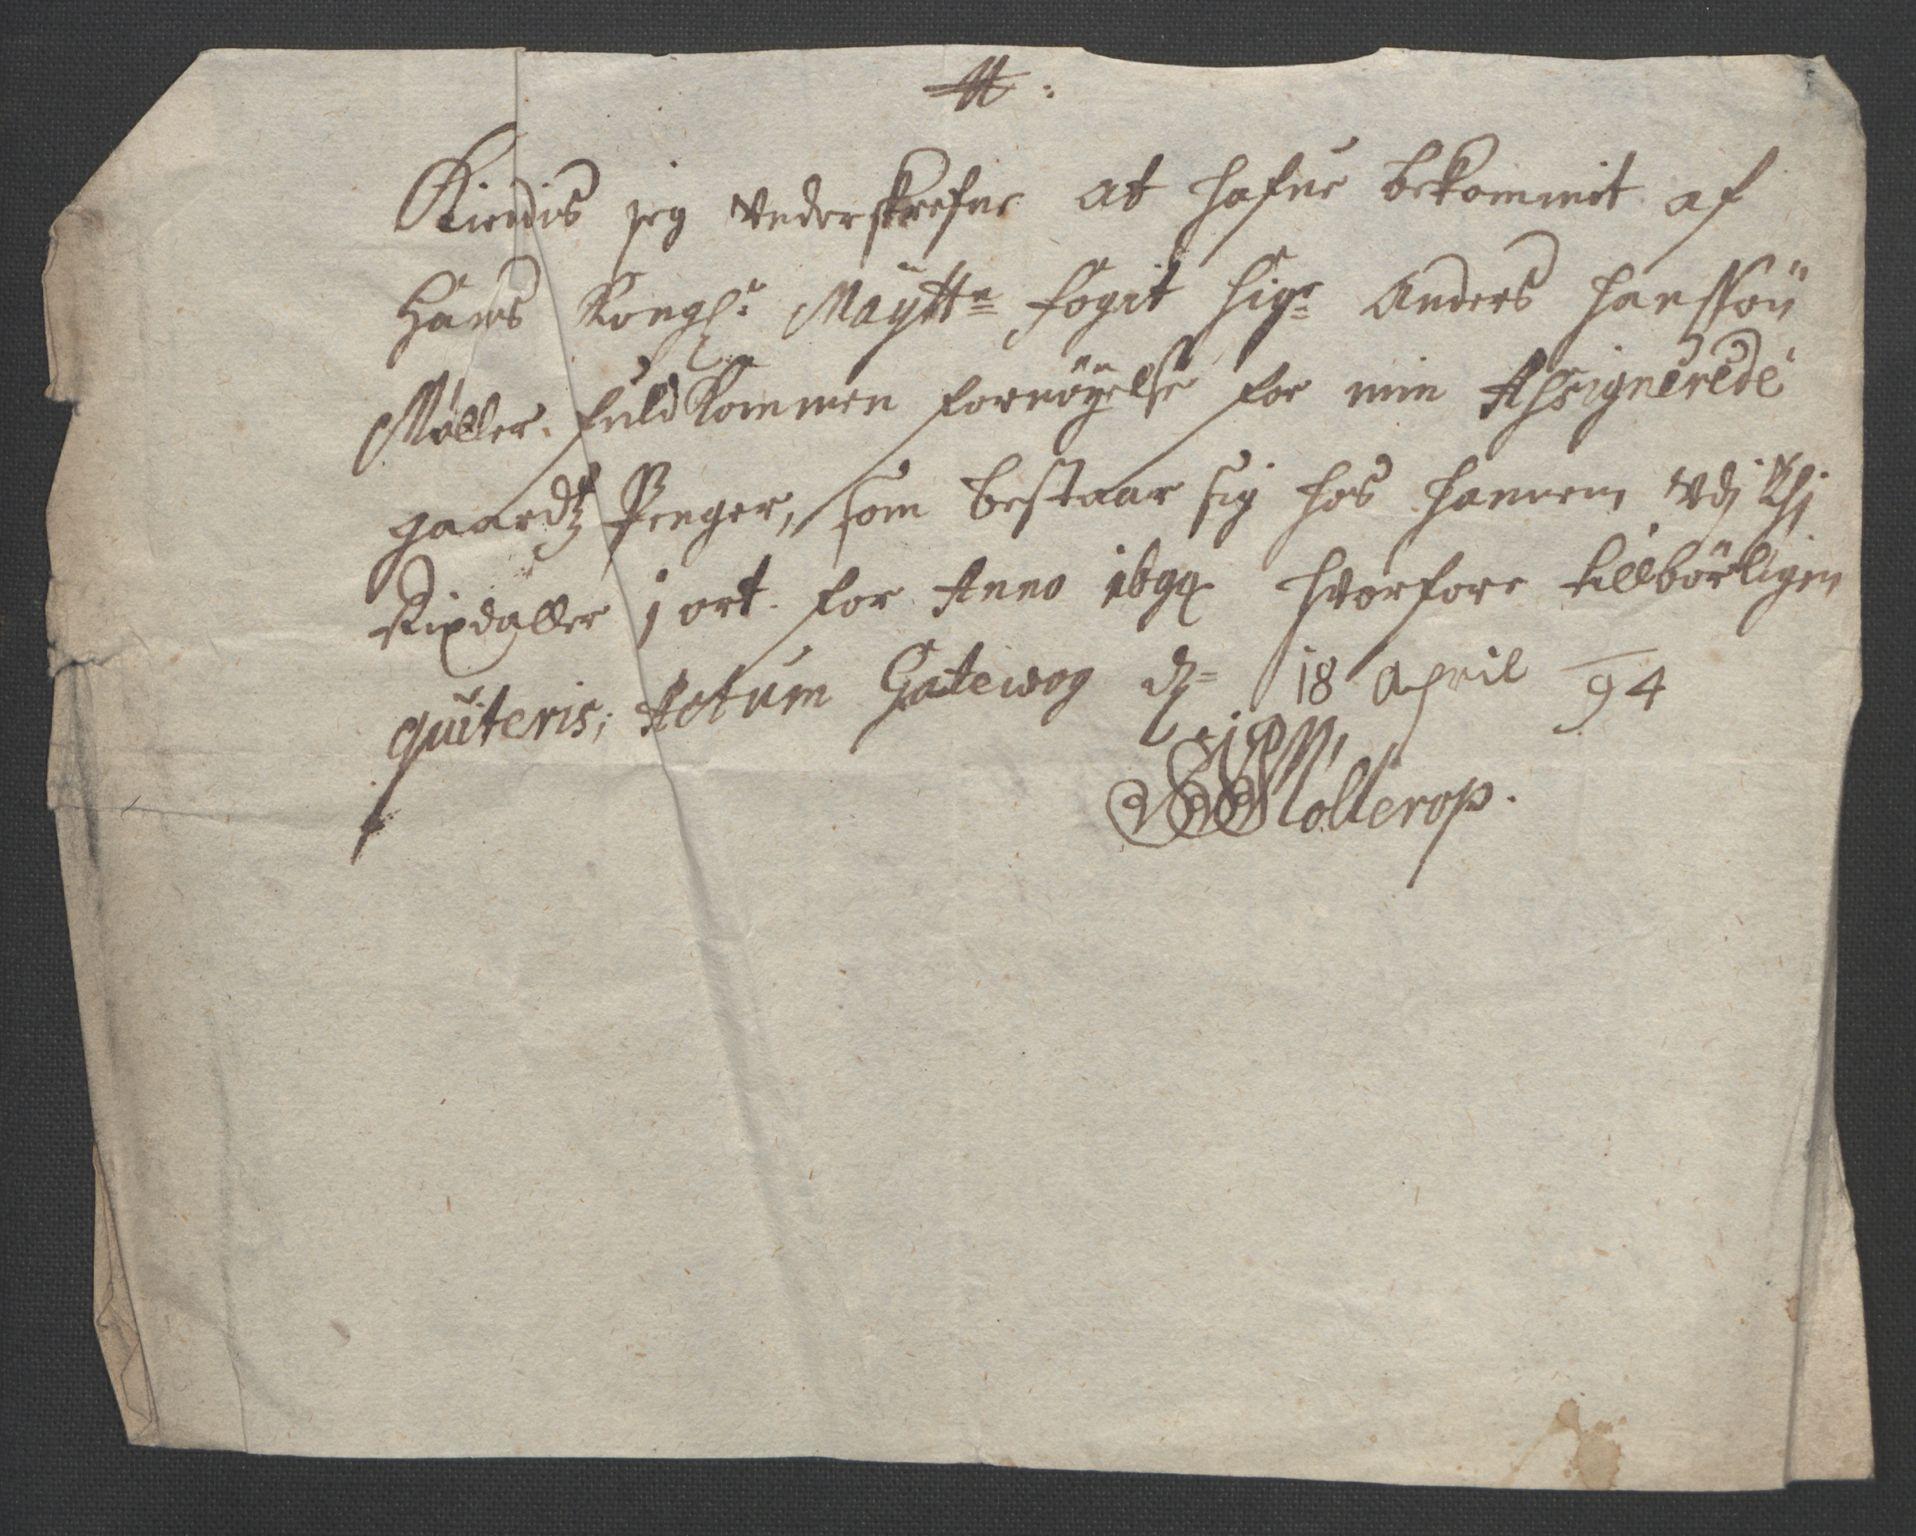 RA, Rentekammeret inntil 1814, Reviderte regnskaper, Fogderegnskap, R54/L3555: Fogderegnskap Sunnmøre, 1694-1695, s. 176